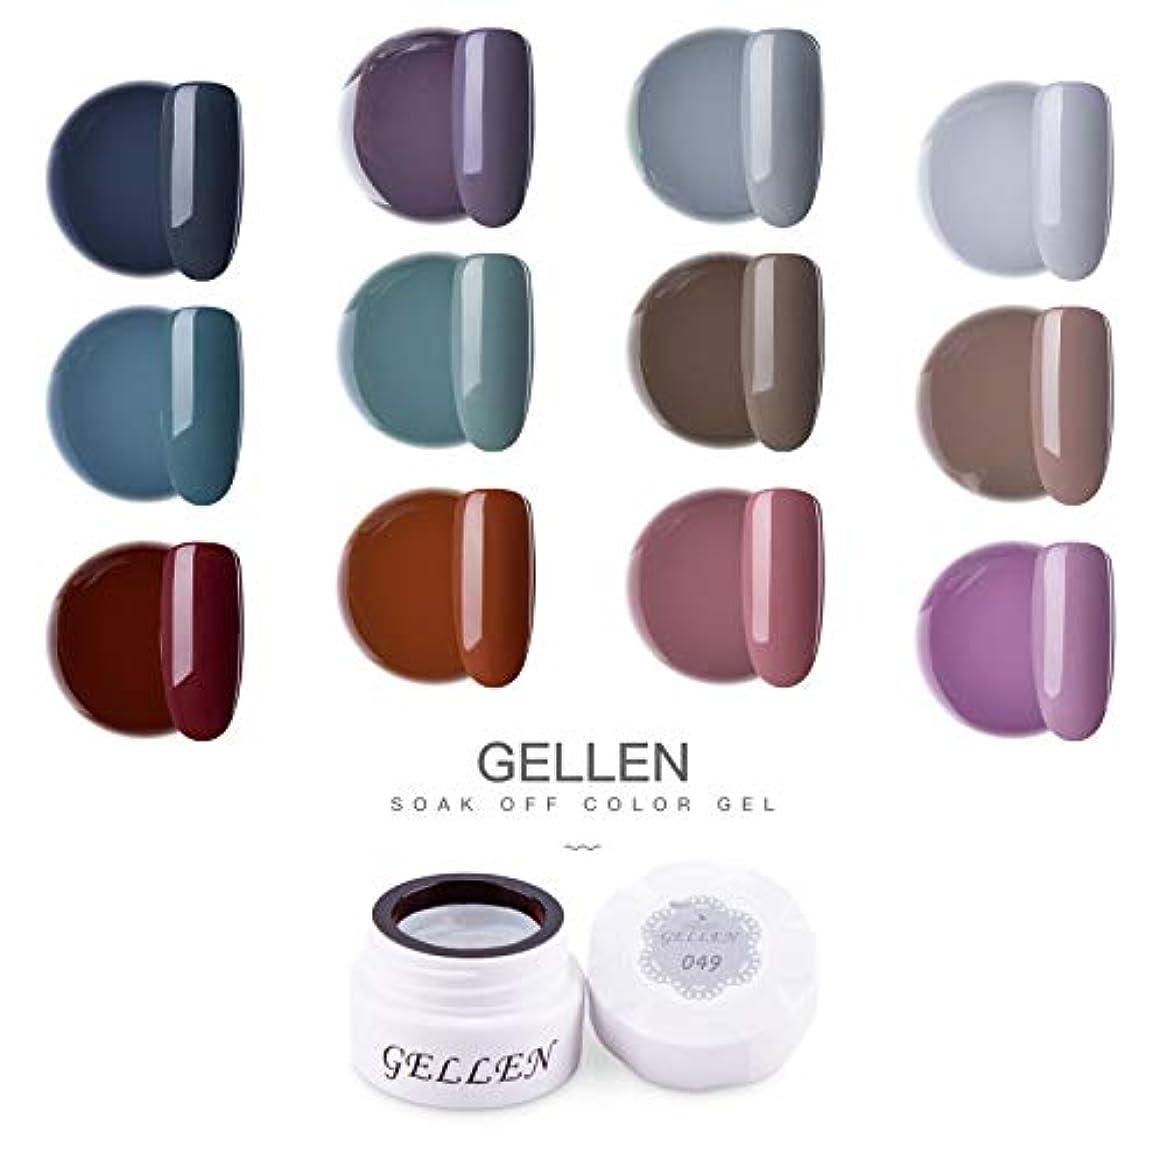 低下不完全運ぶGellen カラージェル 12色 セット[クラッシク シリーズ]高品質 5g ジェルネイル カラー ネイルブラシ付き